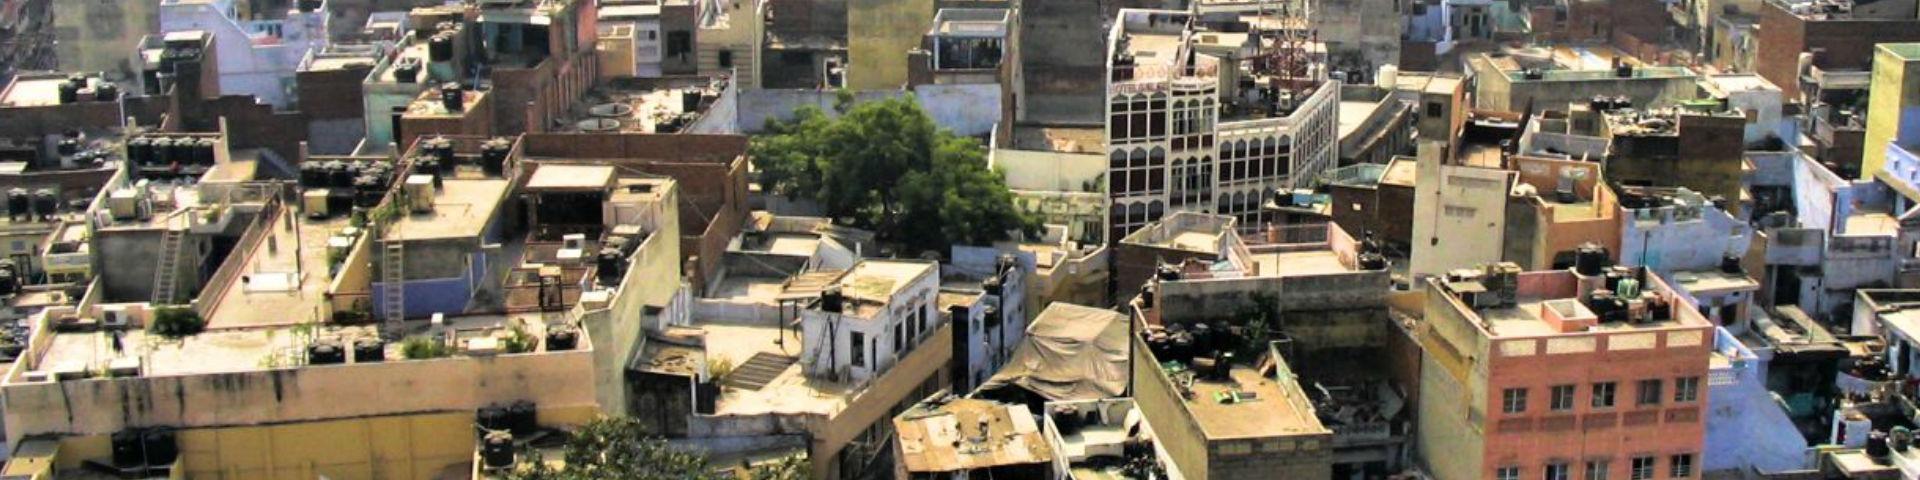 В Индии лудоман украл 25 кг золота, чтобы расплатиться с букмекером